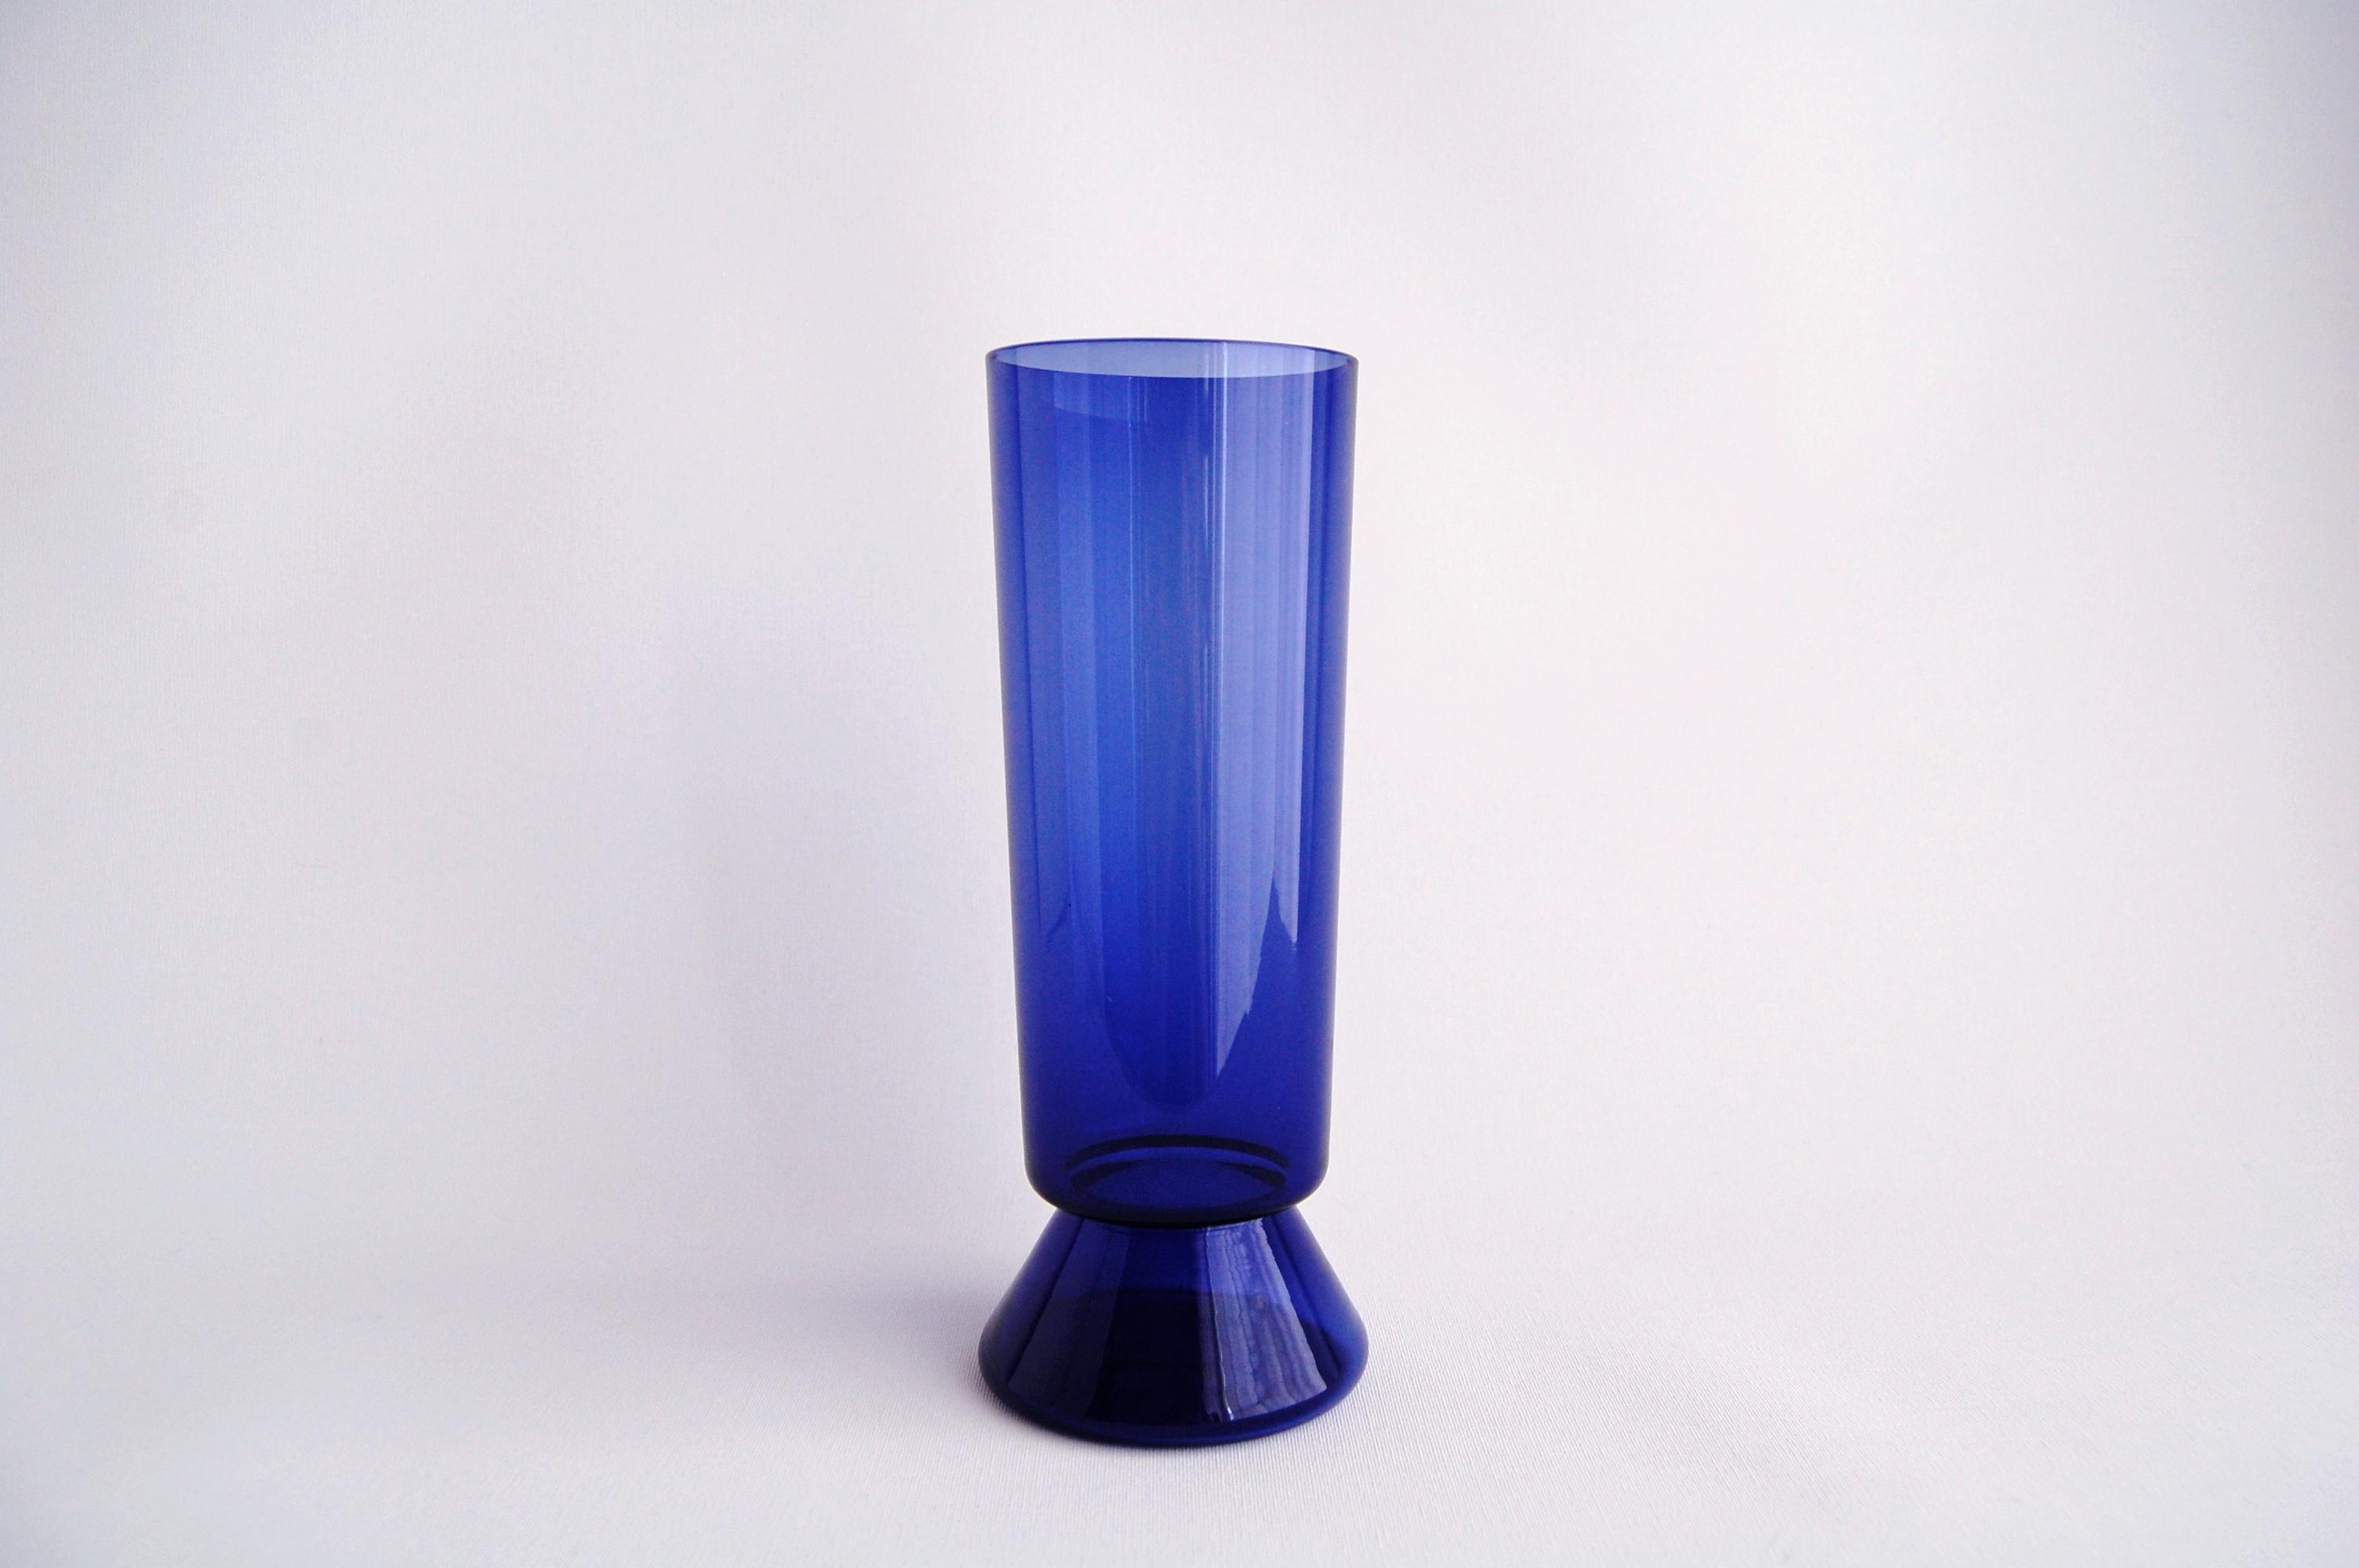 Nuutajarvi/ヌータヤルヴィ Vase 1428 ブルー